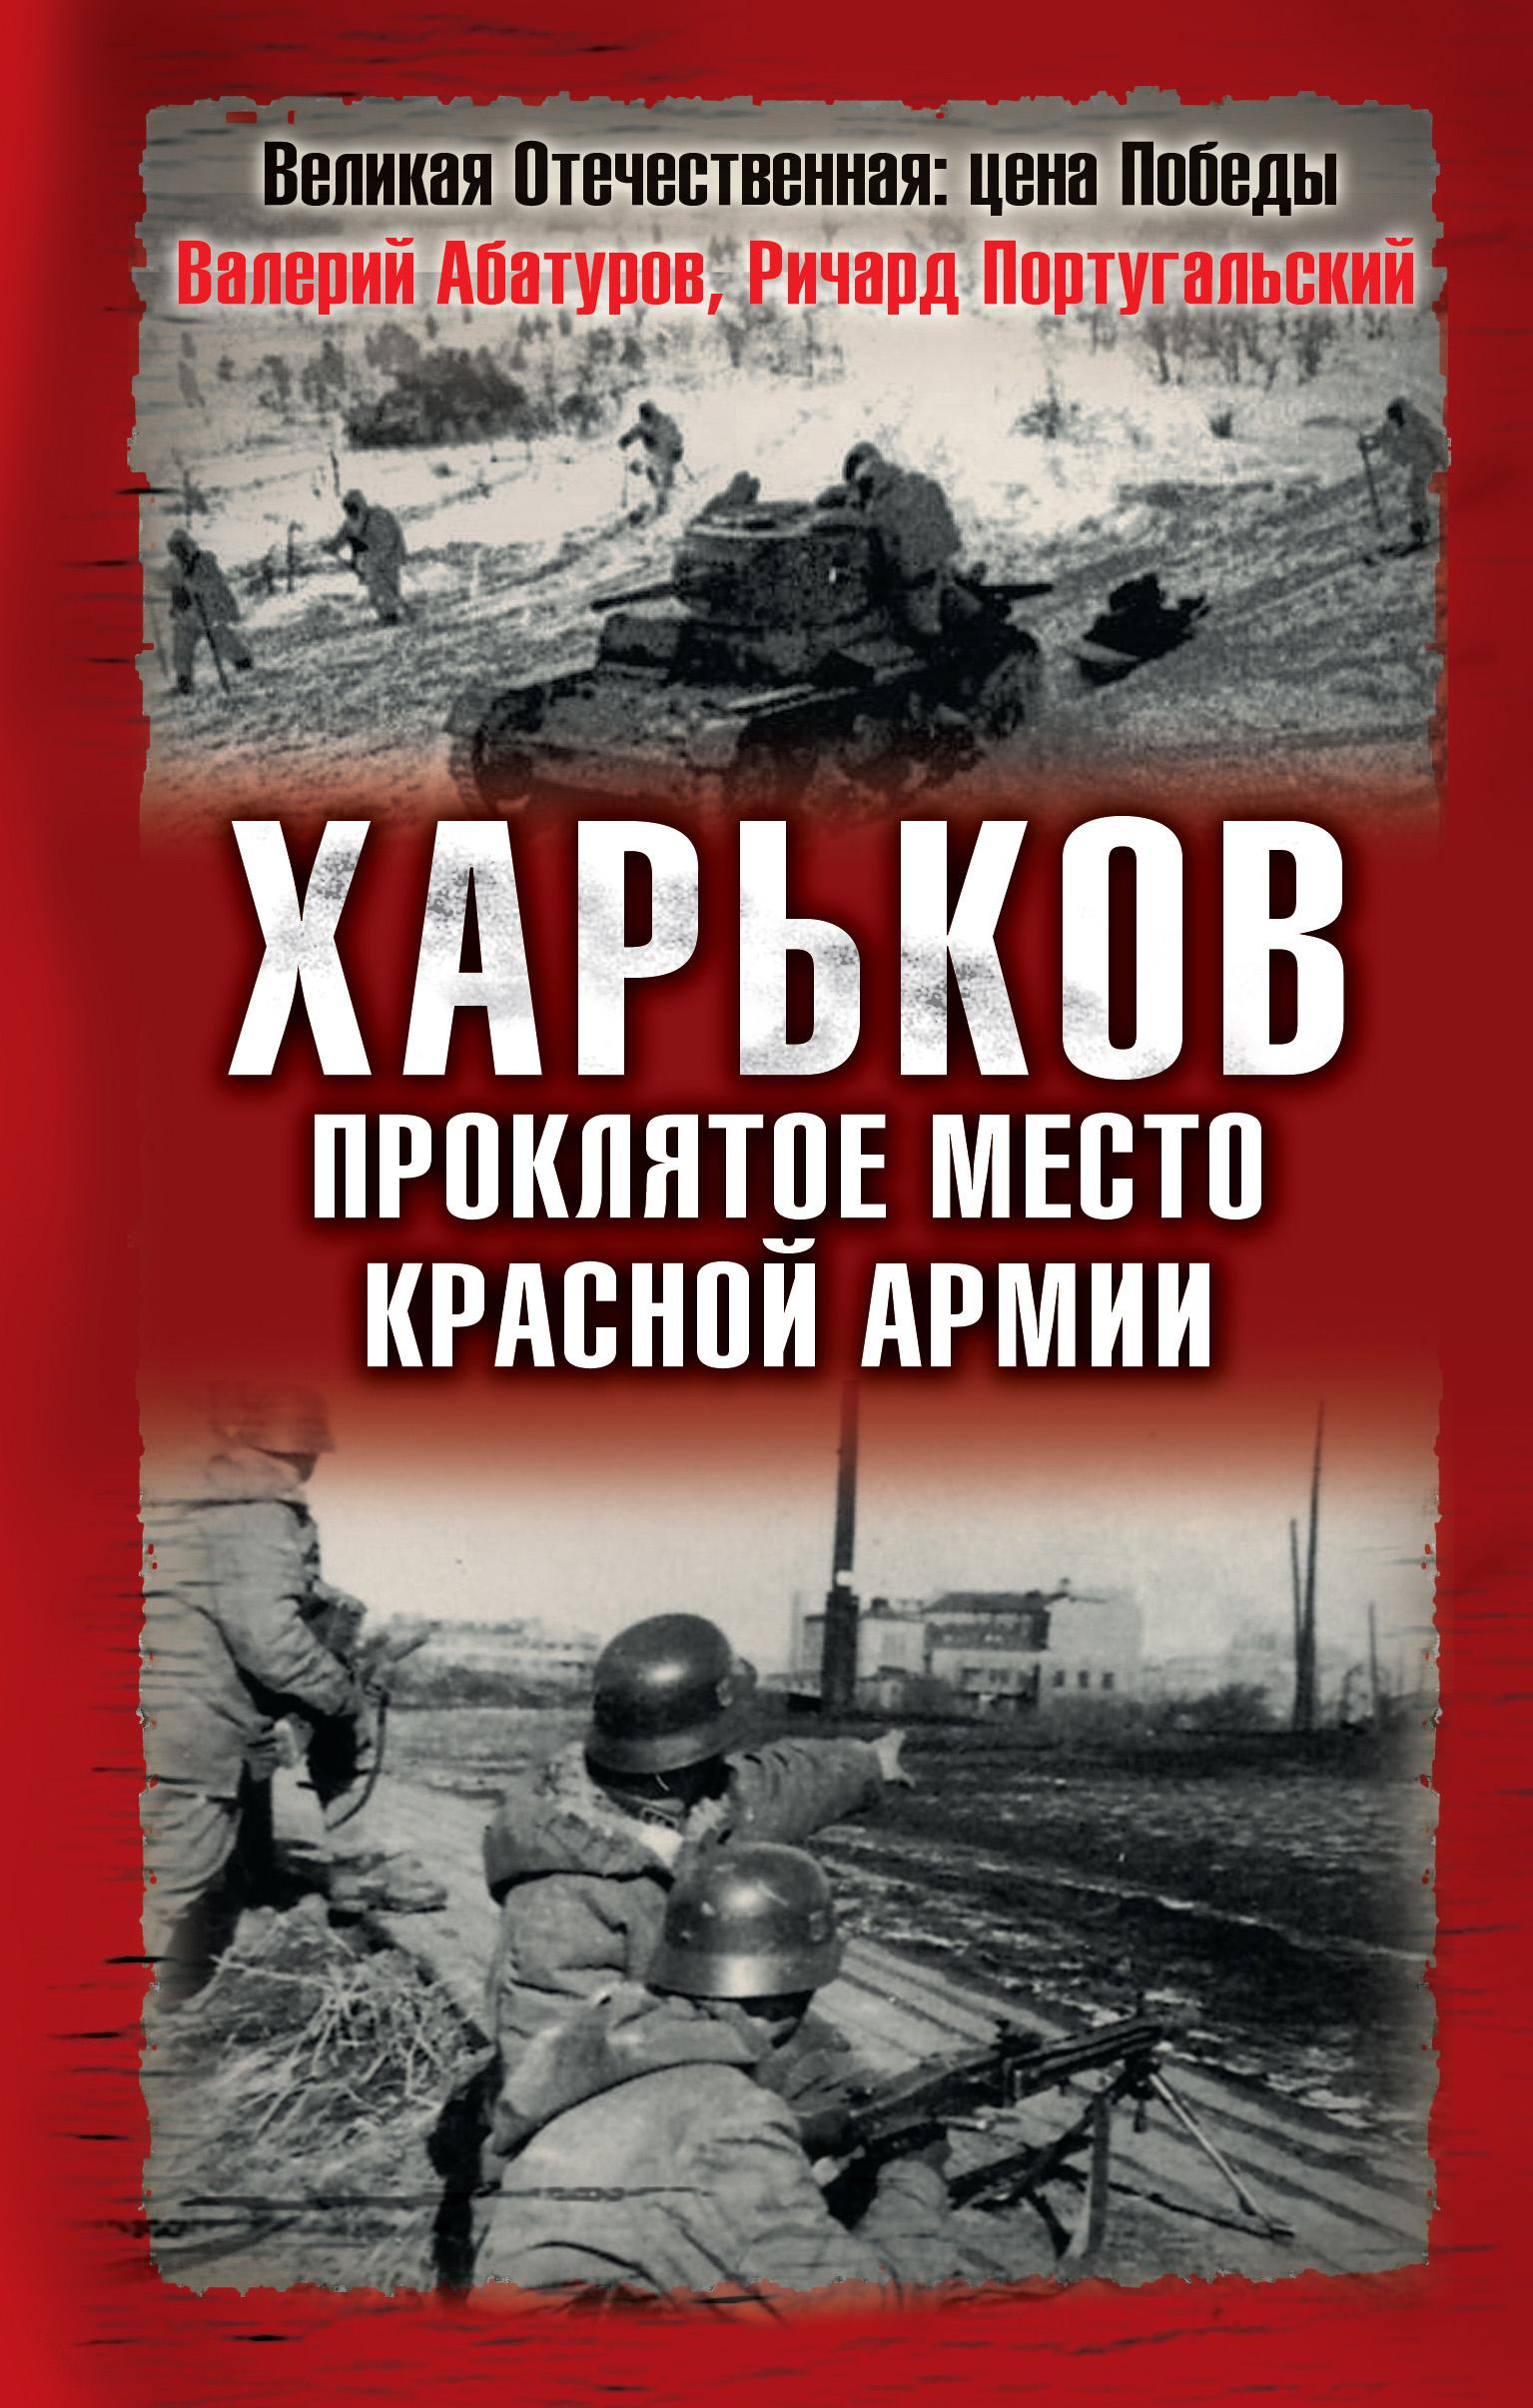 Ричард Португальский, Валерий Абатуров - Харьков – проклятое место Красной Армии